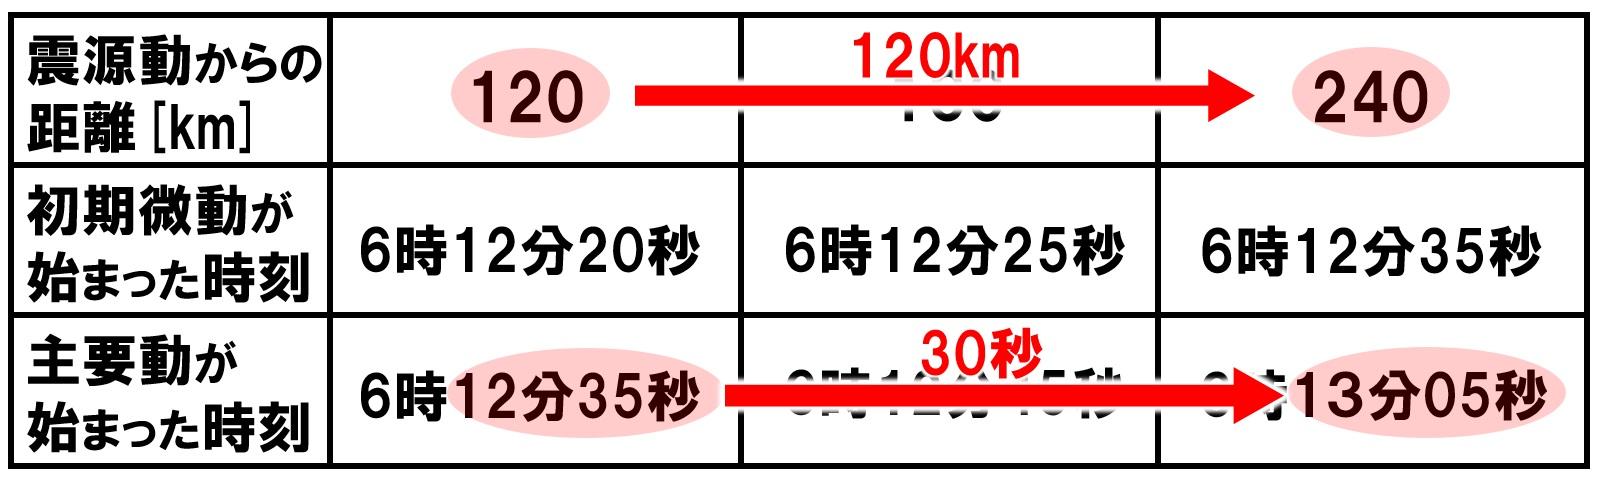 地震の表からS波の速さを求める